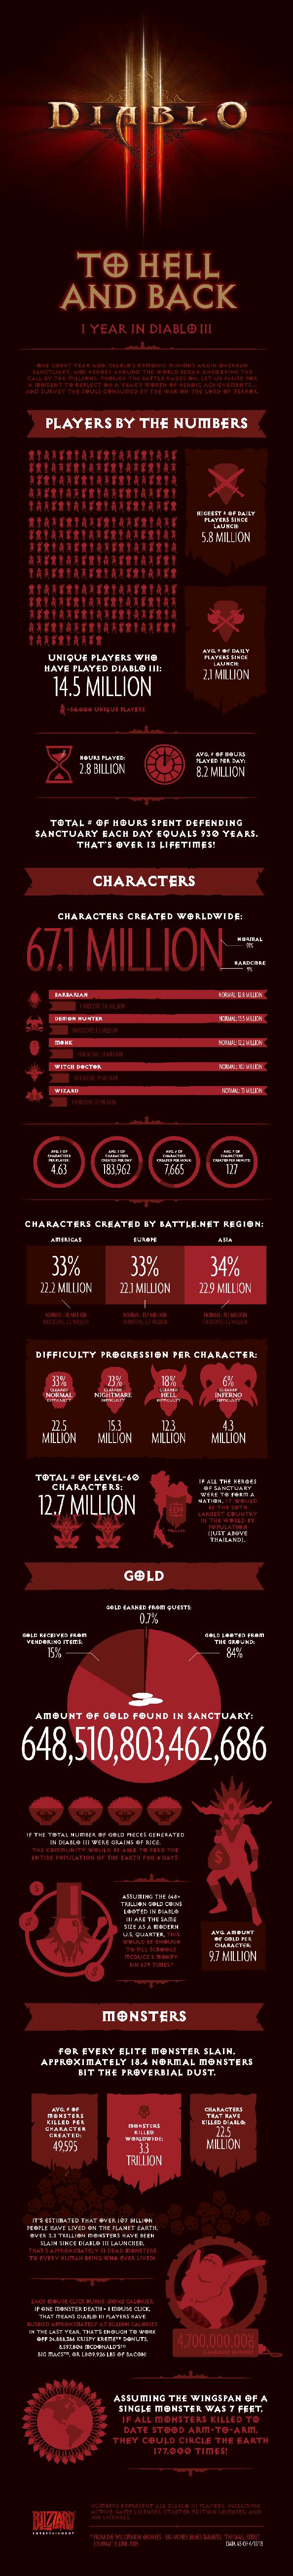 diablo_3_infographic